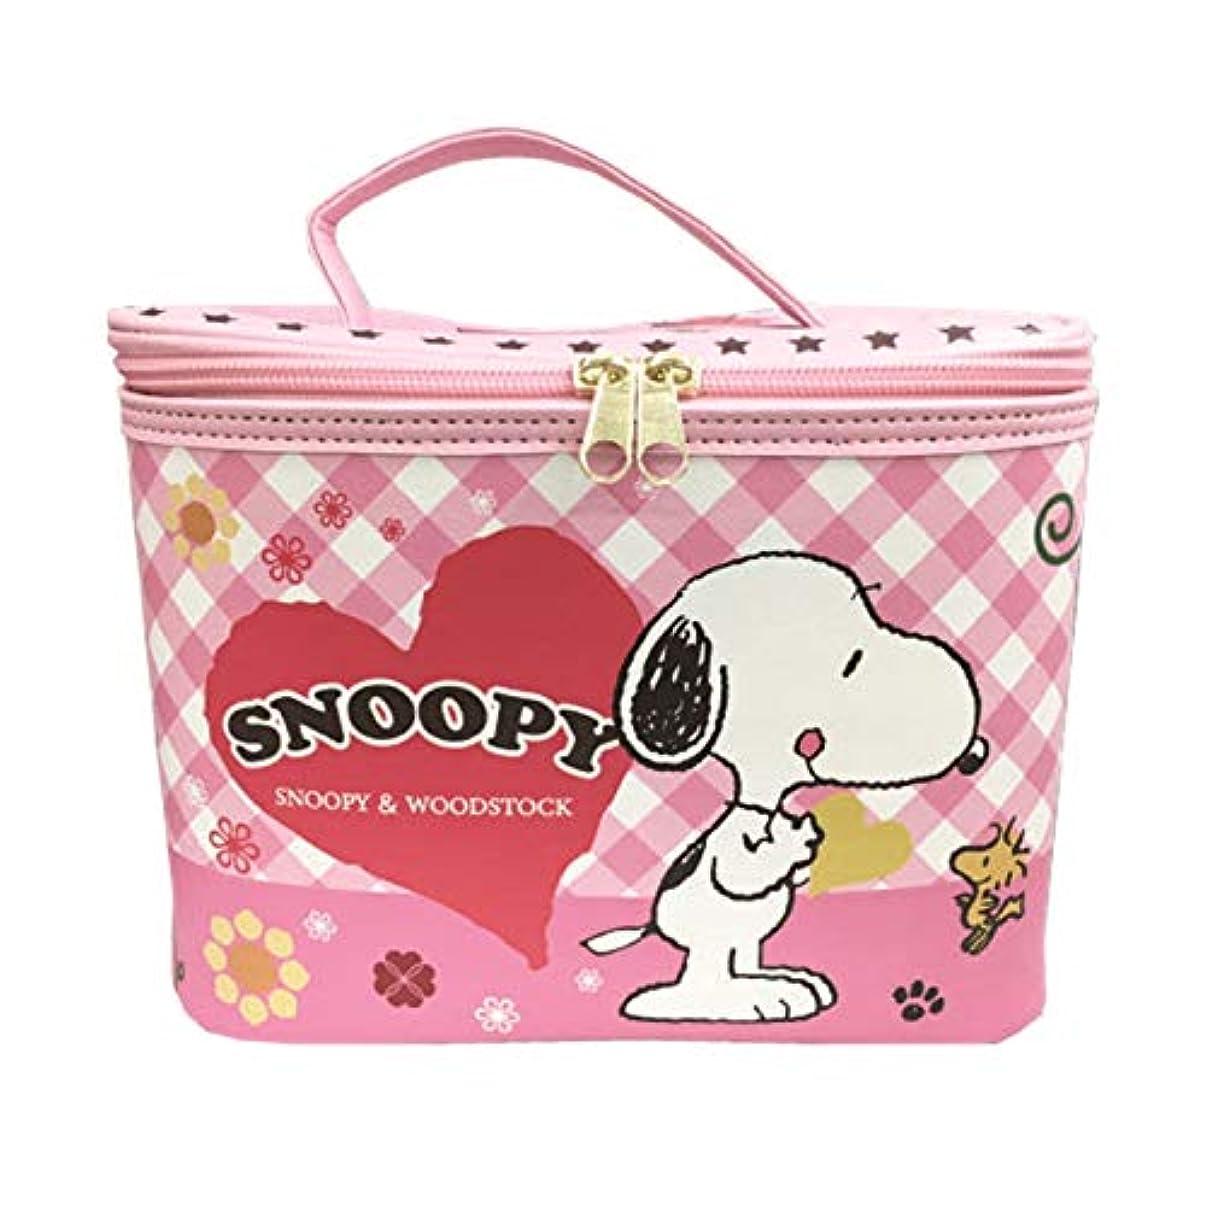 カウンターパートに渡って絶望的な【SNOOPY】 スヌーピー バニティ ケース + ミニタオル セット 大容量 コスメ ポーチ 化粧 バッグ ミラー付き